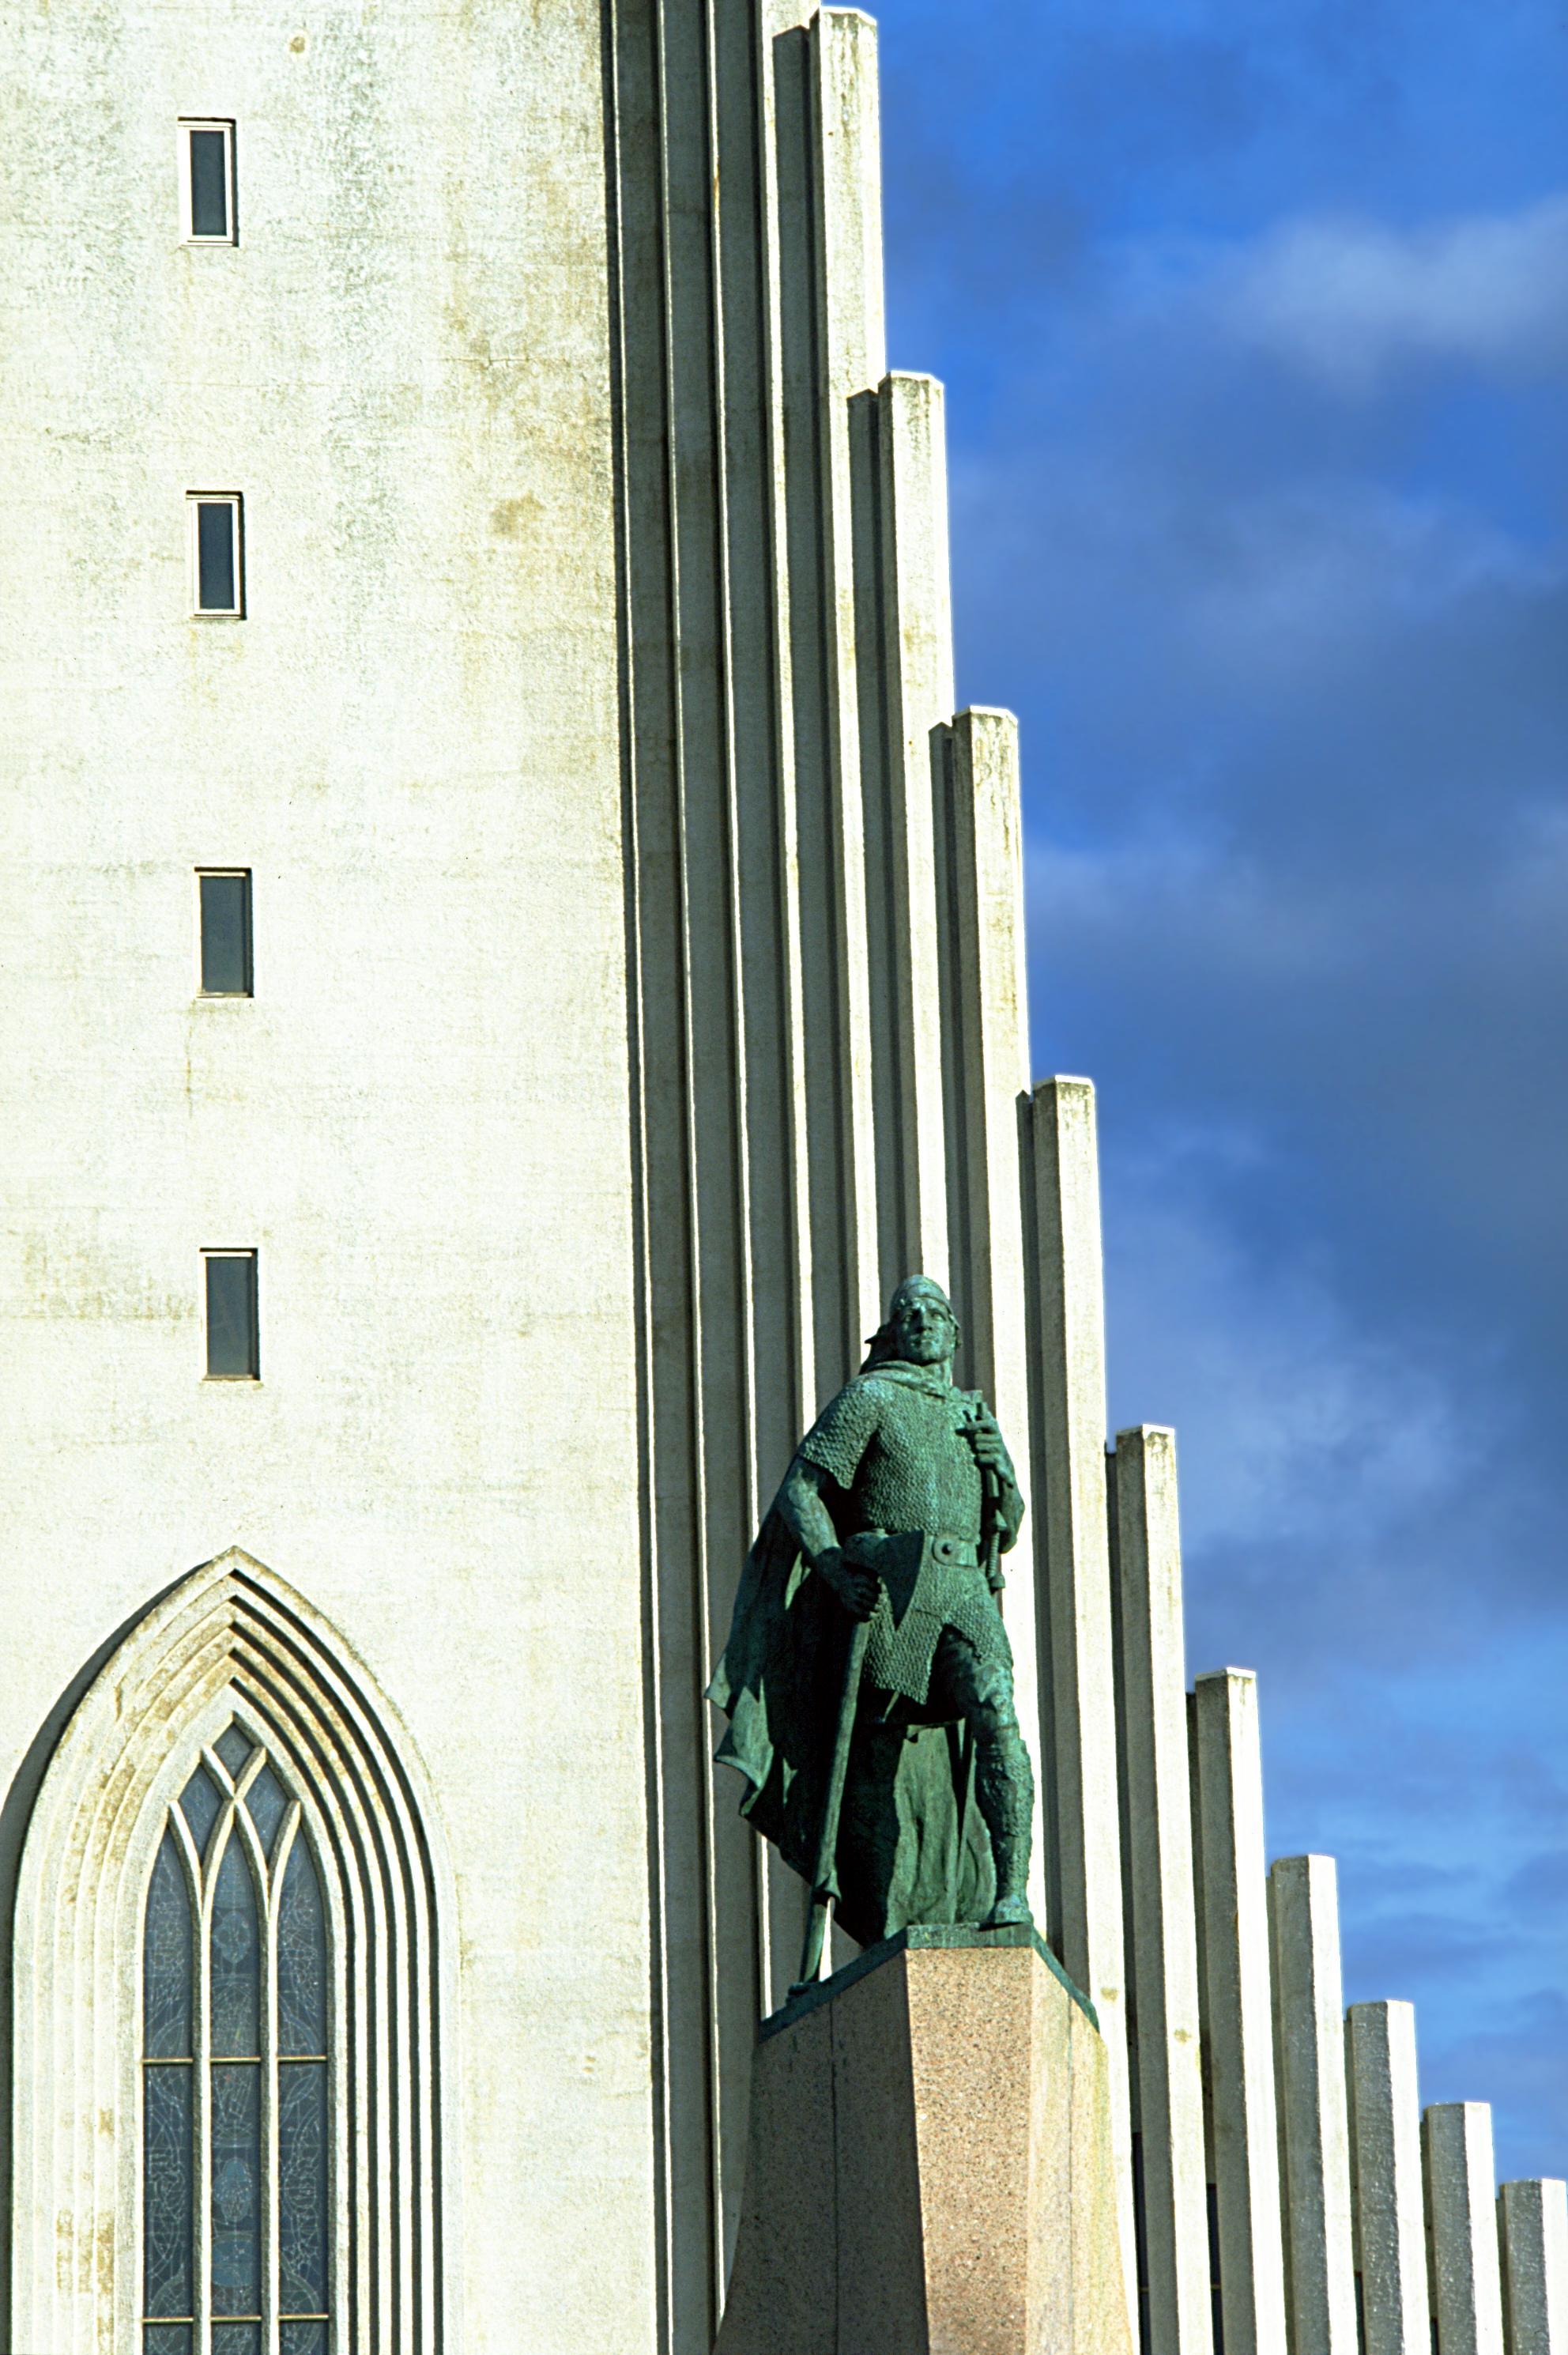 Estatua de Leif Erikson ante la iglesia llamada Hallgrímskirkja, en Reikjavik, Islandia.